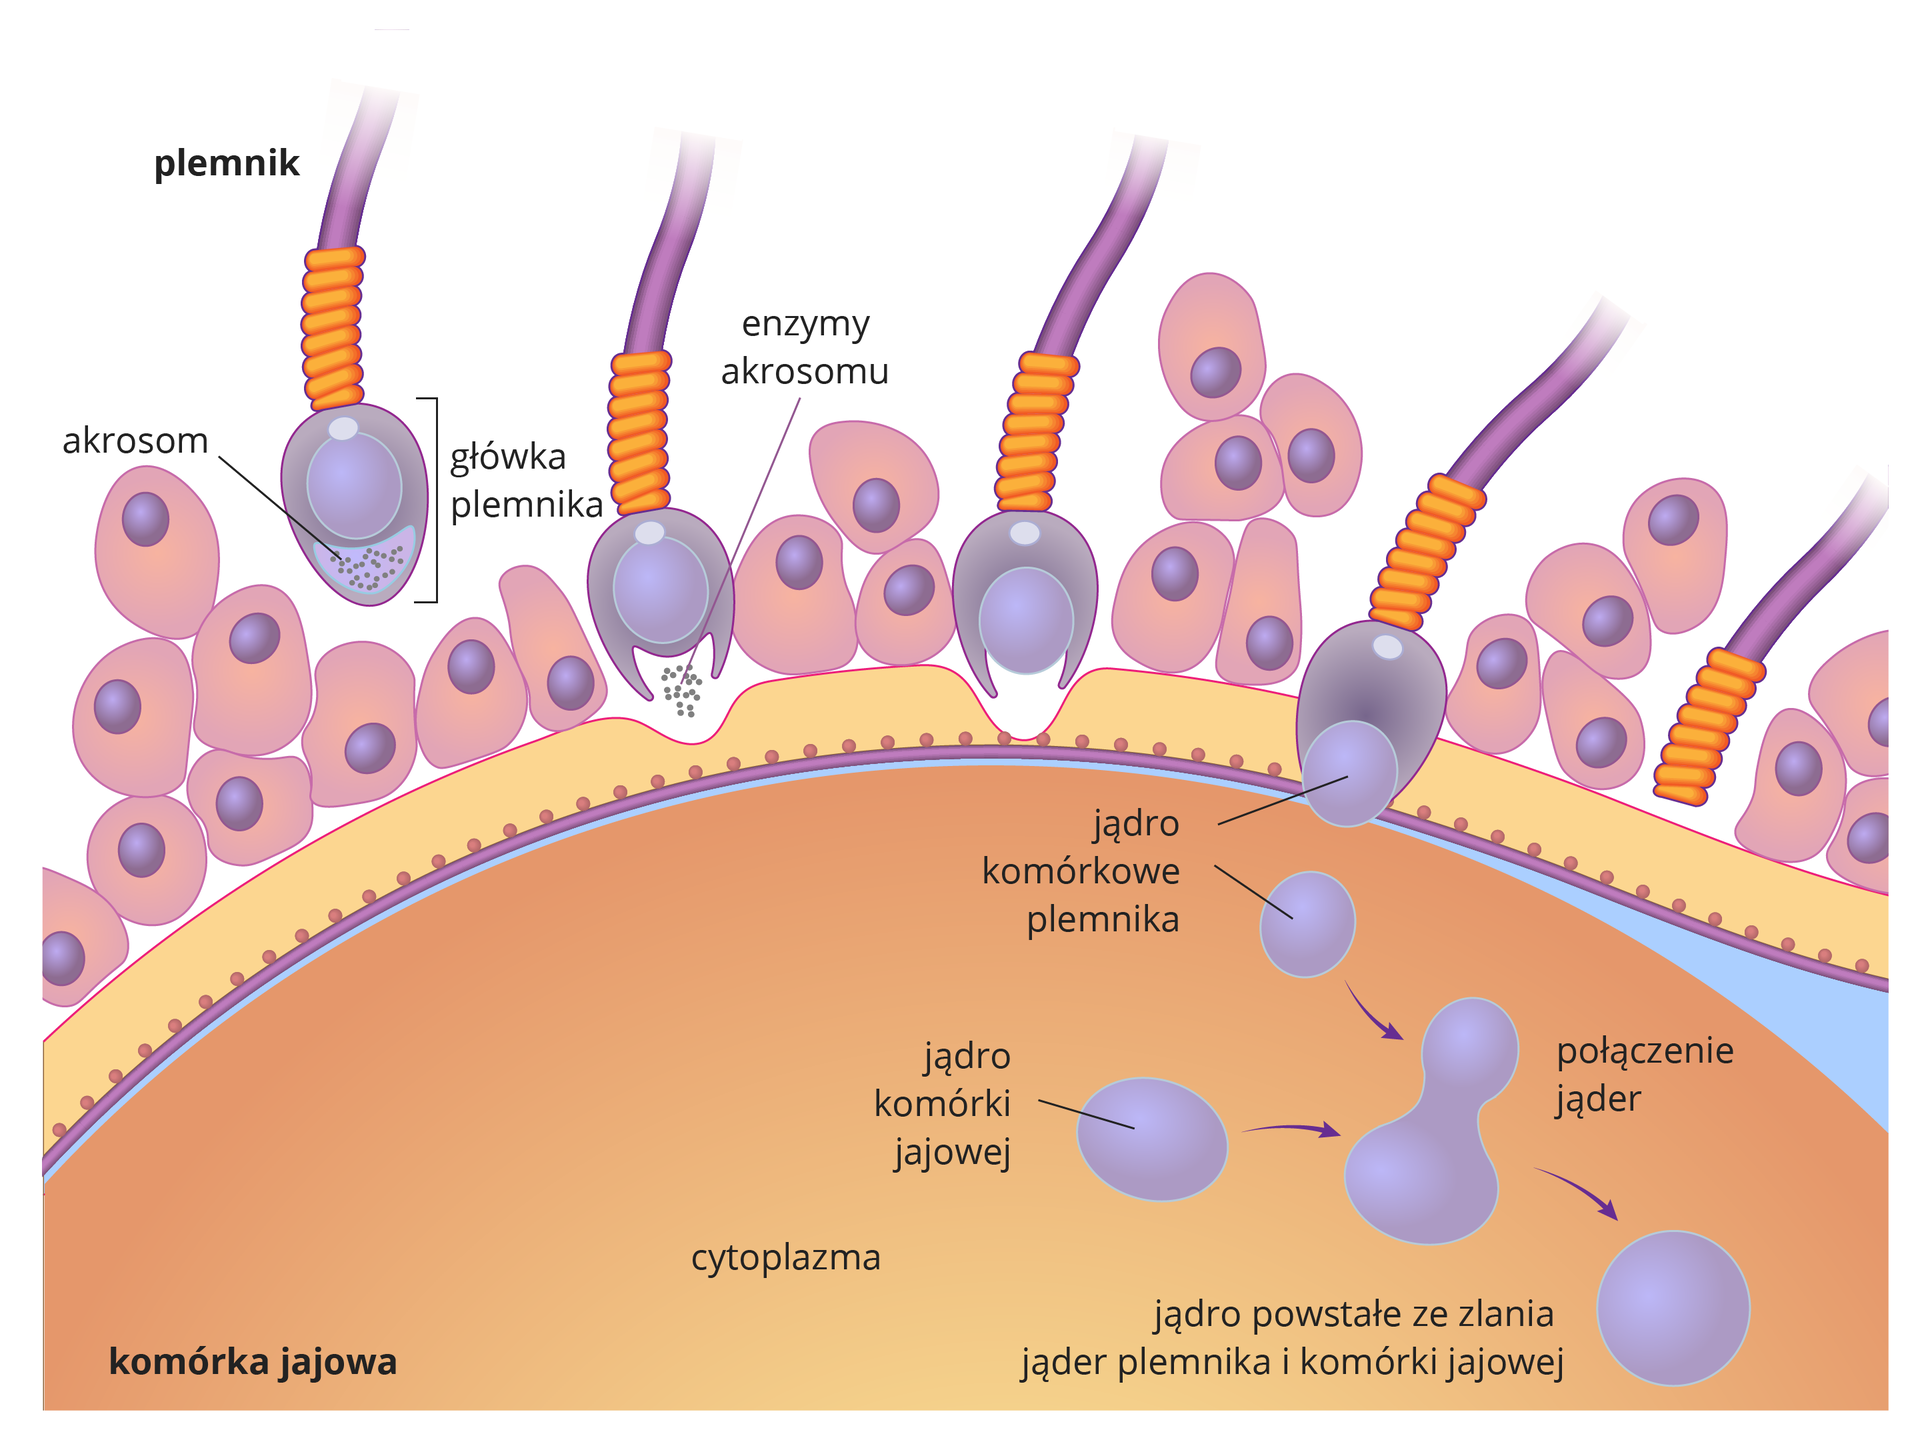 Ilustracja przedstawia beżową półkolistą komórkę jajową zgrubą błoną ililiowymi komórkami osłony. Nad nią fioletowo – pomarańczowo – liliowe plemniki. Przedstawiono sześć etapów wnikania plemnika do komórki jajowej. Wpierwszym zlewej plemnik zbliża się do komórki jajowej, podpisana główka plemnika iakrosom. Wdrugim etapie enzymy zakrosomu rozpuszczają osłonę komórki jajowej. Wtrzecim etapie plemnik przebija osłonę, do wnętrza komórki dociera tylko główka plemnika. Osłonka twardnieje, nie pozwalając innym plemnikom się przebić. Wczwartym etapie plemnik uwalnia swoje jądro komórkowe. Jądro komórki jajowej znajduje się wcytoplazmie. Wpiątym etapie następuje połaczenie jąder plemnika ikomórki jajowej. Witka plemnika odpada. Wszóstym etapie zpołączonych jąder powstaje jądro nowej komórki - zarodka.